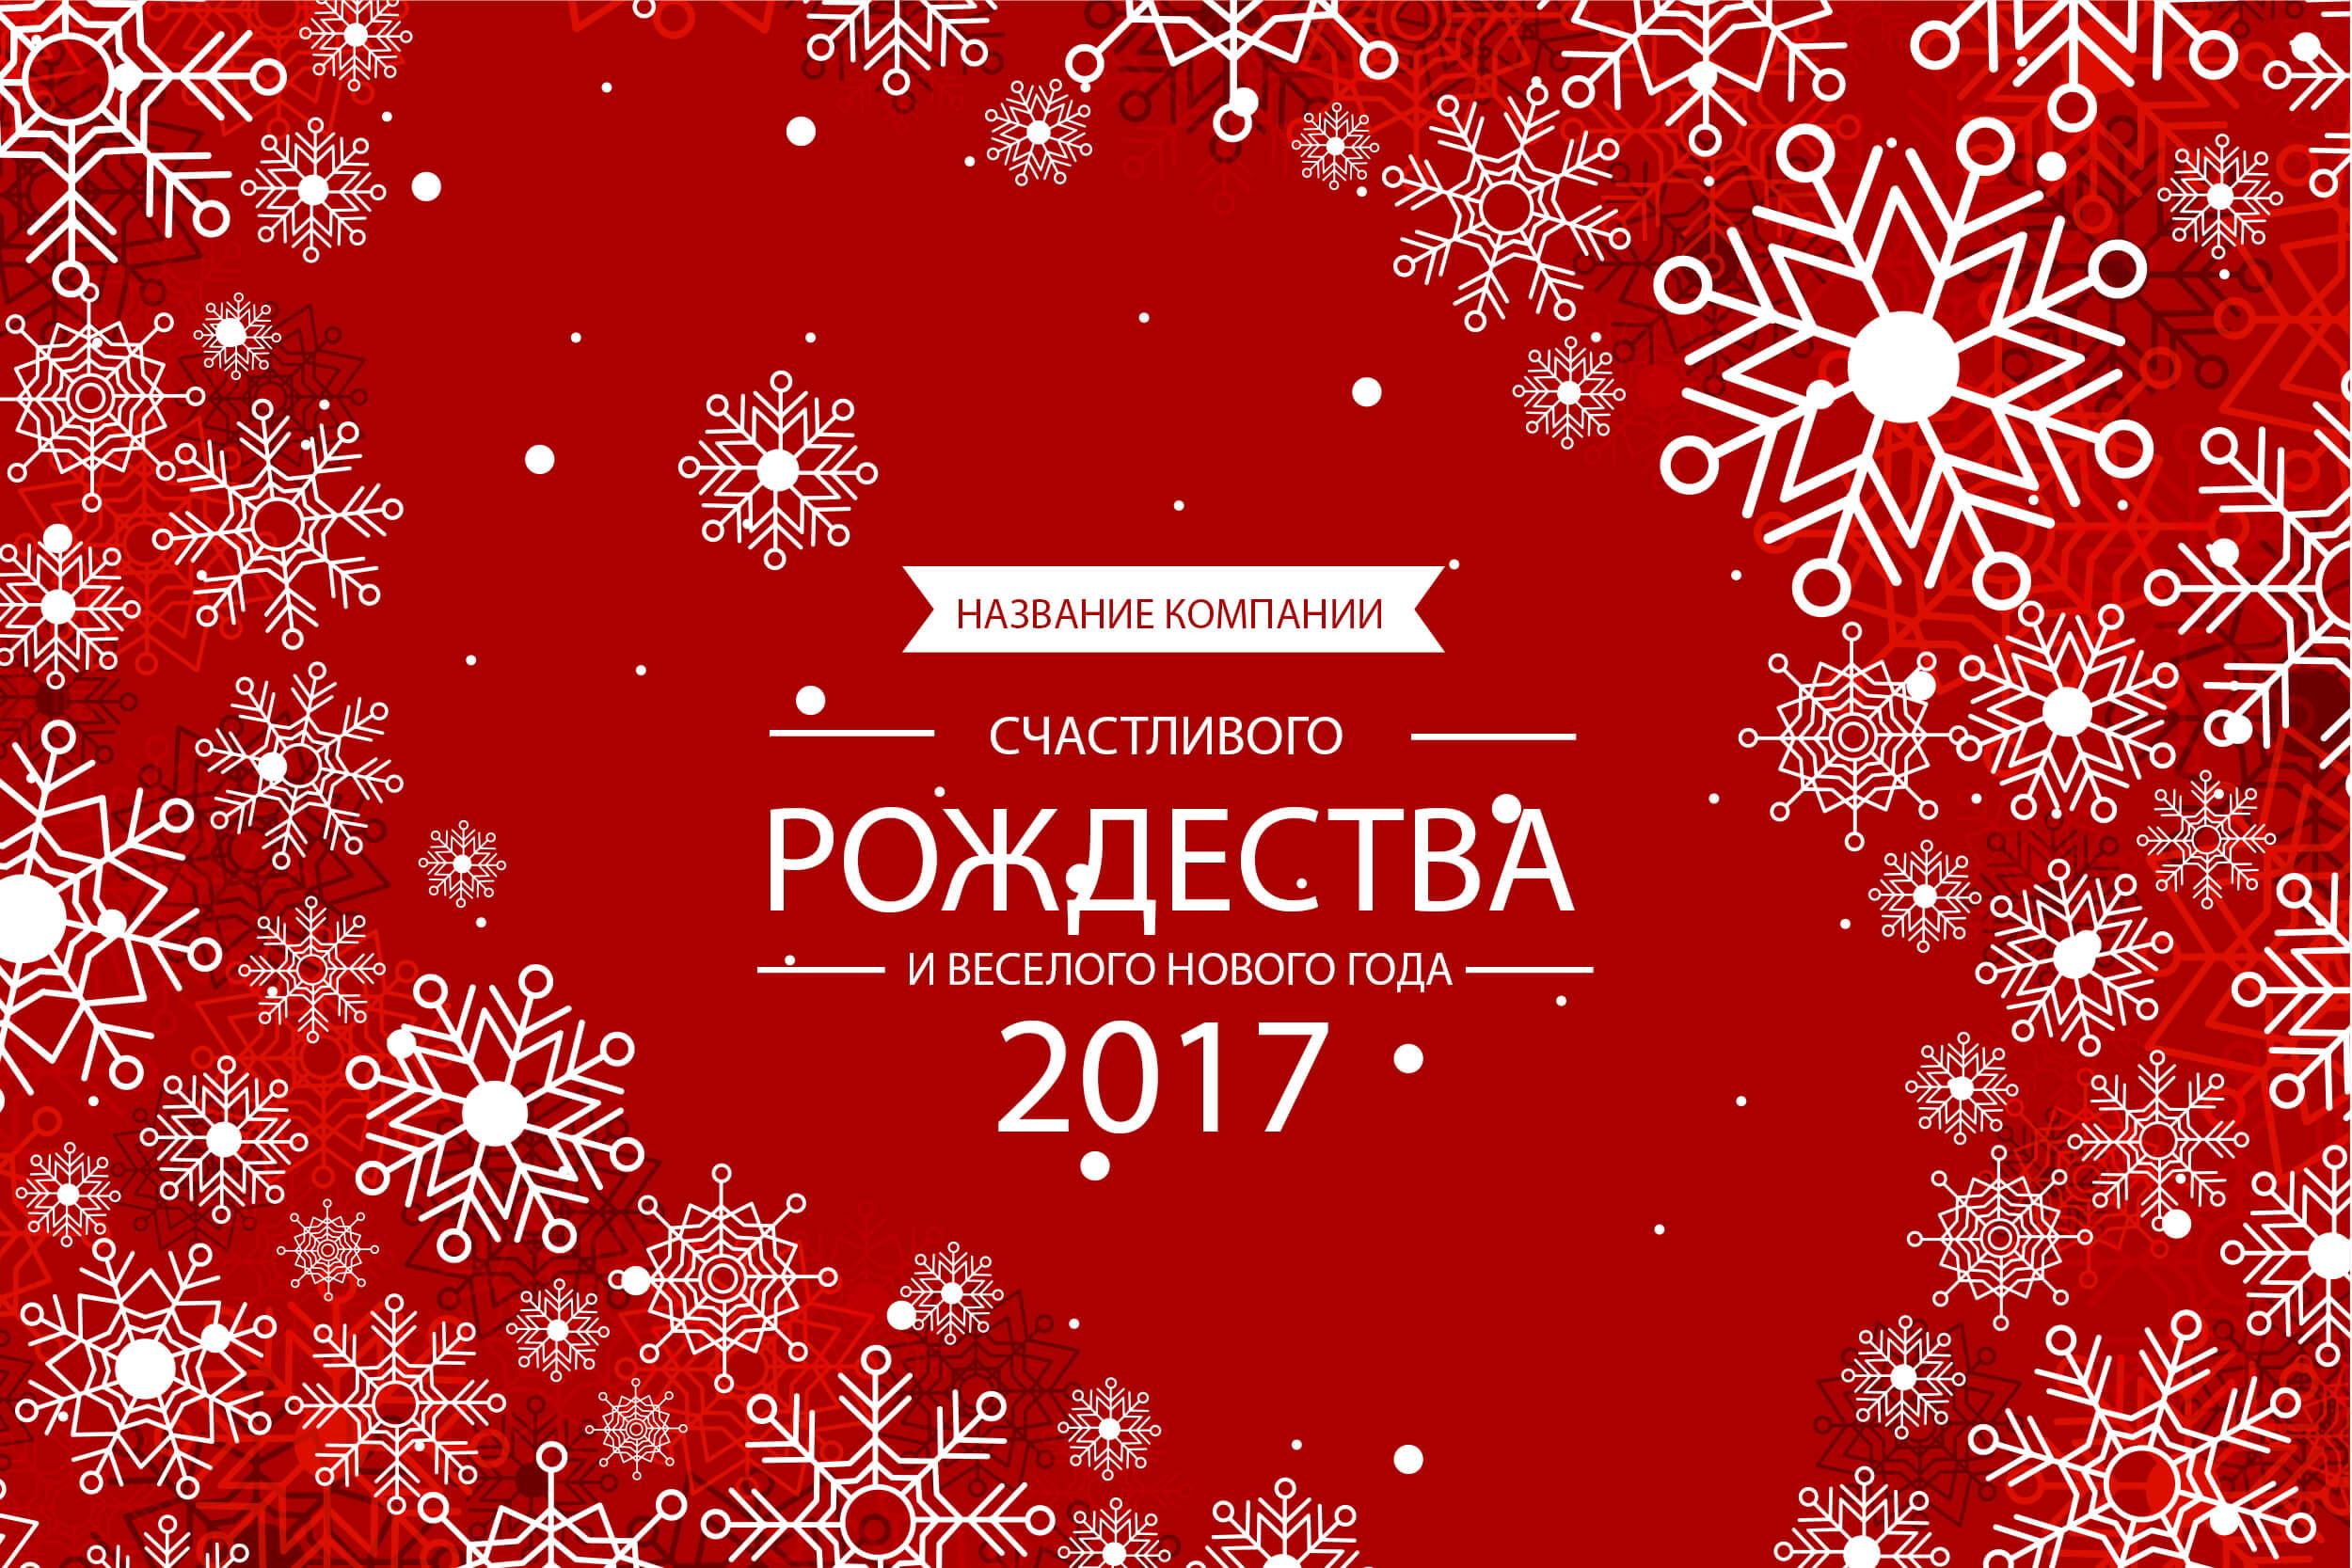 otkrytka-s-novym-godom-krasnaya-02